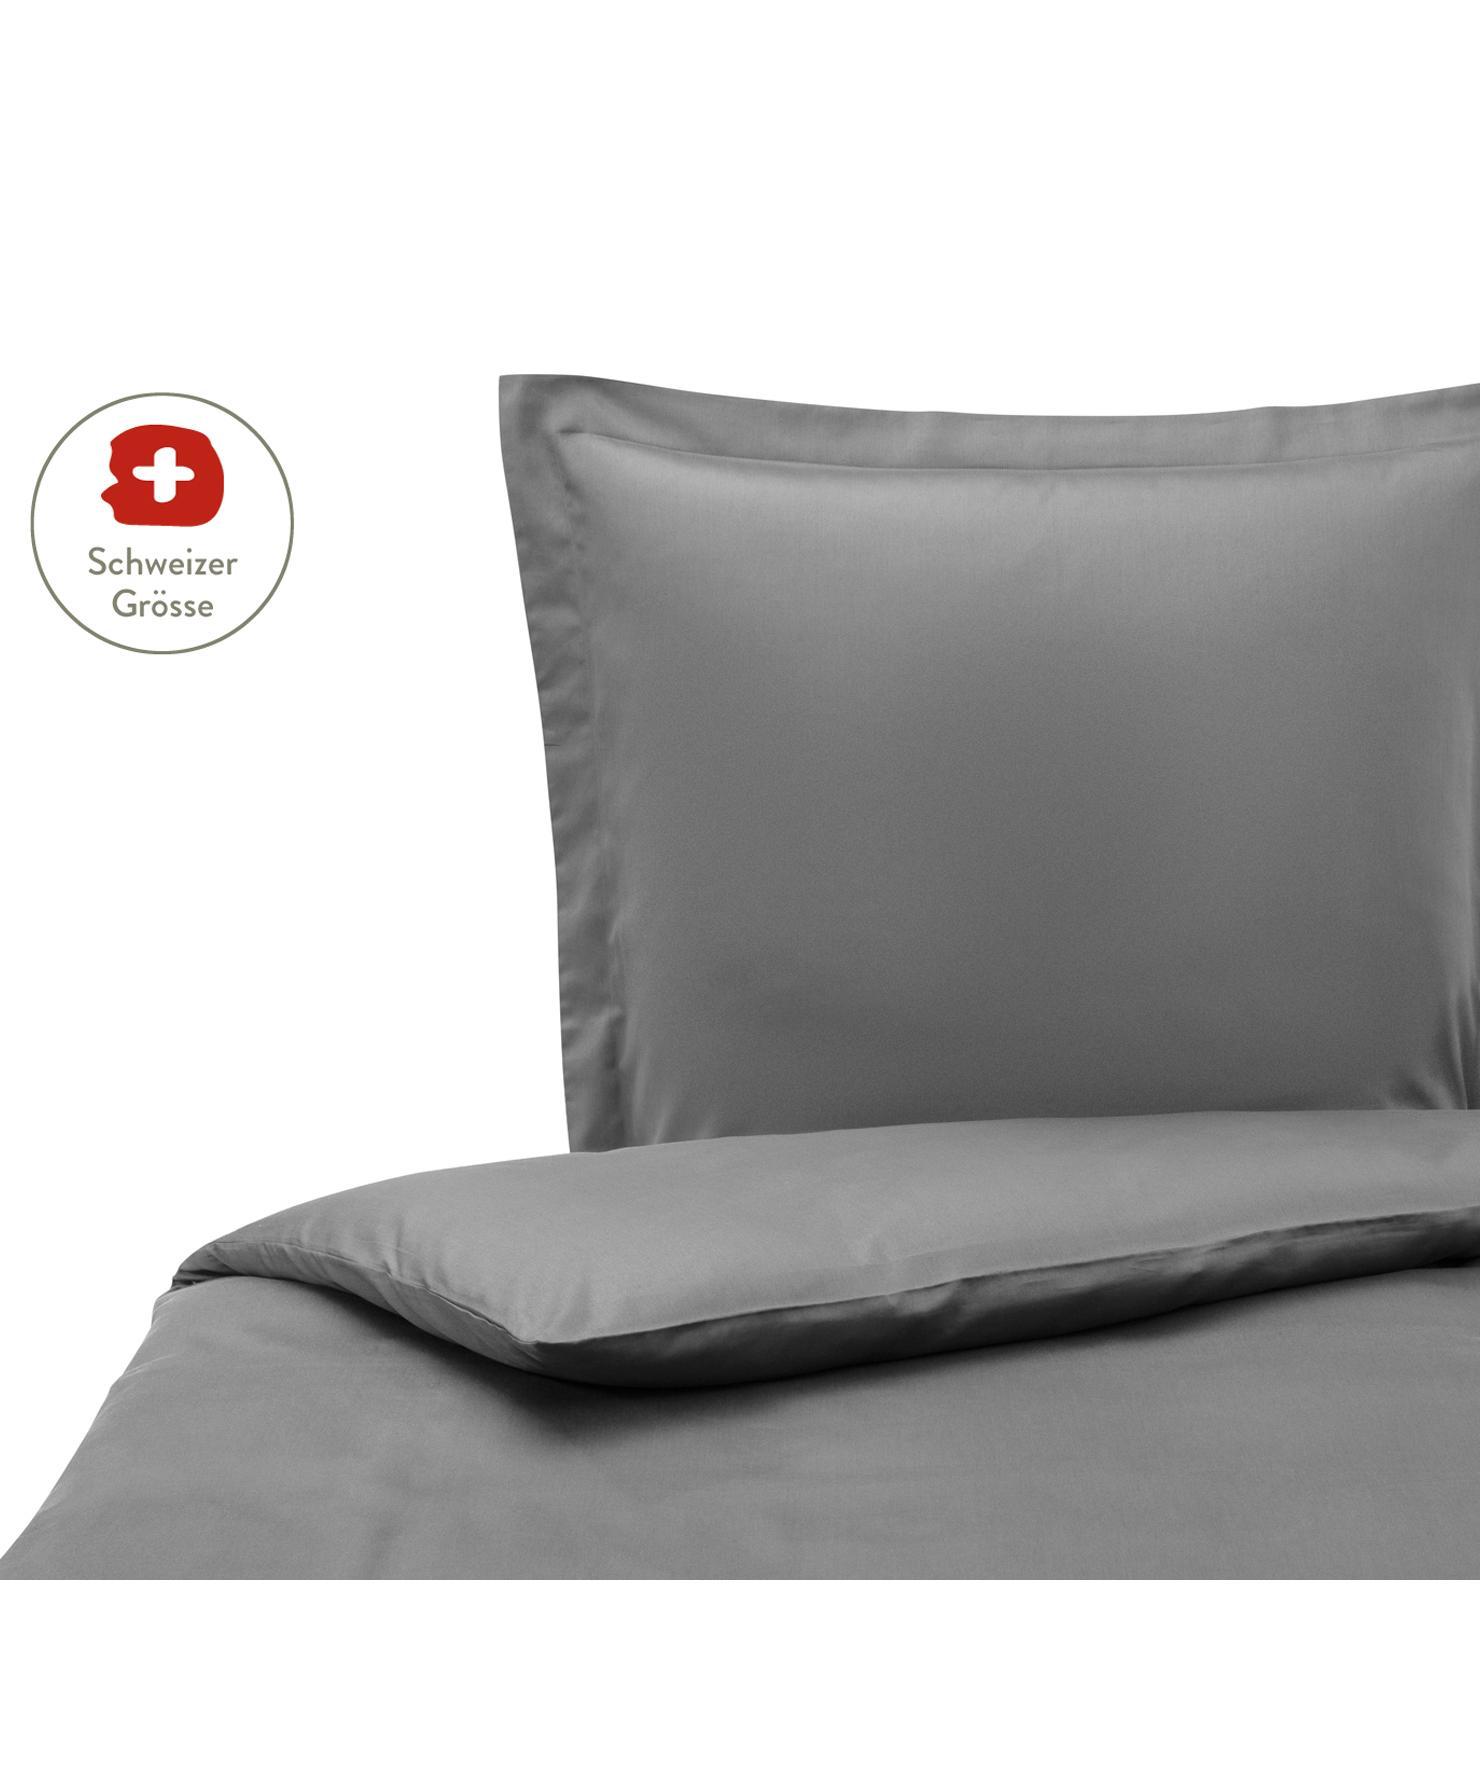 Baumwollsatin-Bettdeckenbezug Premium in Dunkelgrau mit Stehsaum, Webart: Satin, leicht glänzend Fa, Dunkelgrau, 160 x 210 cm